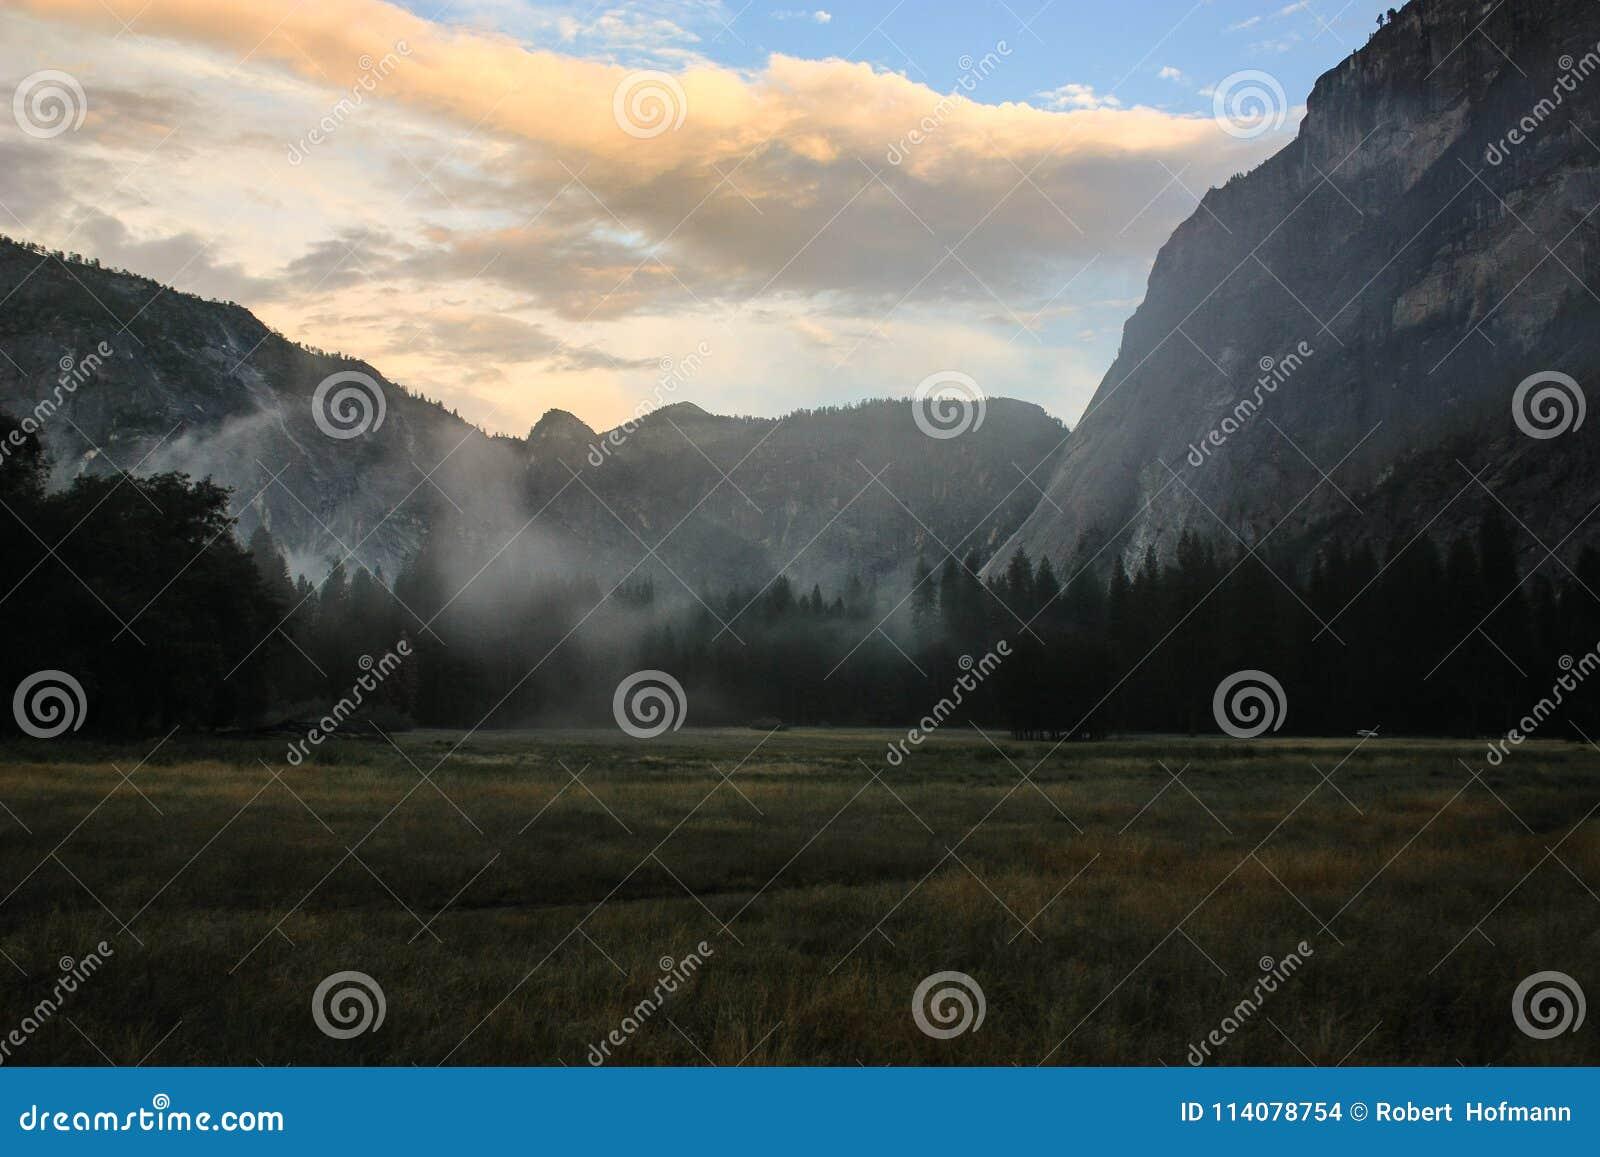 Salida del sol sobre el valle de Yosemite con la media bóveda un EL Capitan Mounta